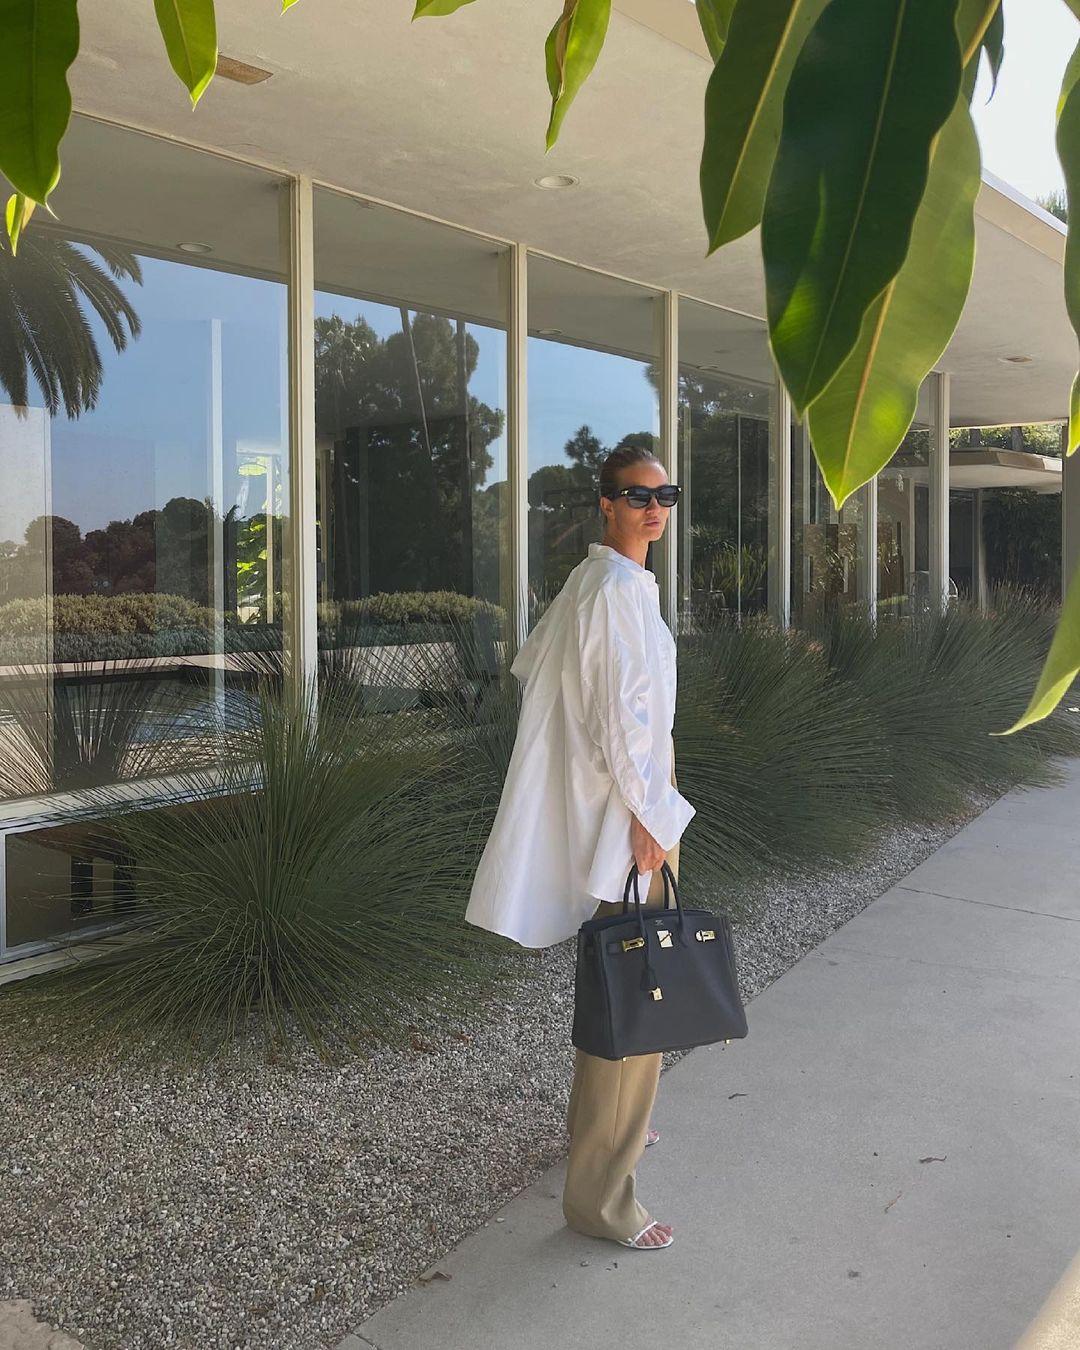 роузи хантингтон-уайтли модель гардероб базовый лето 2021